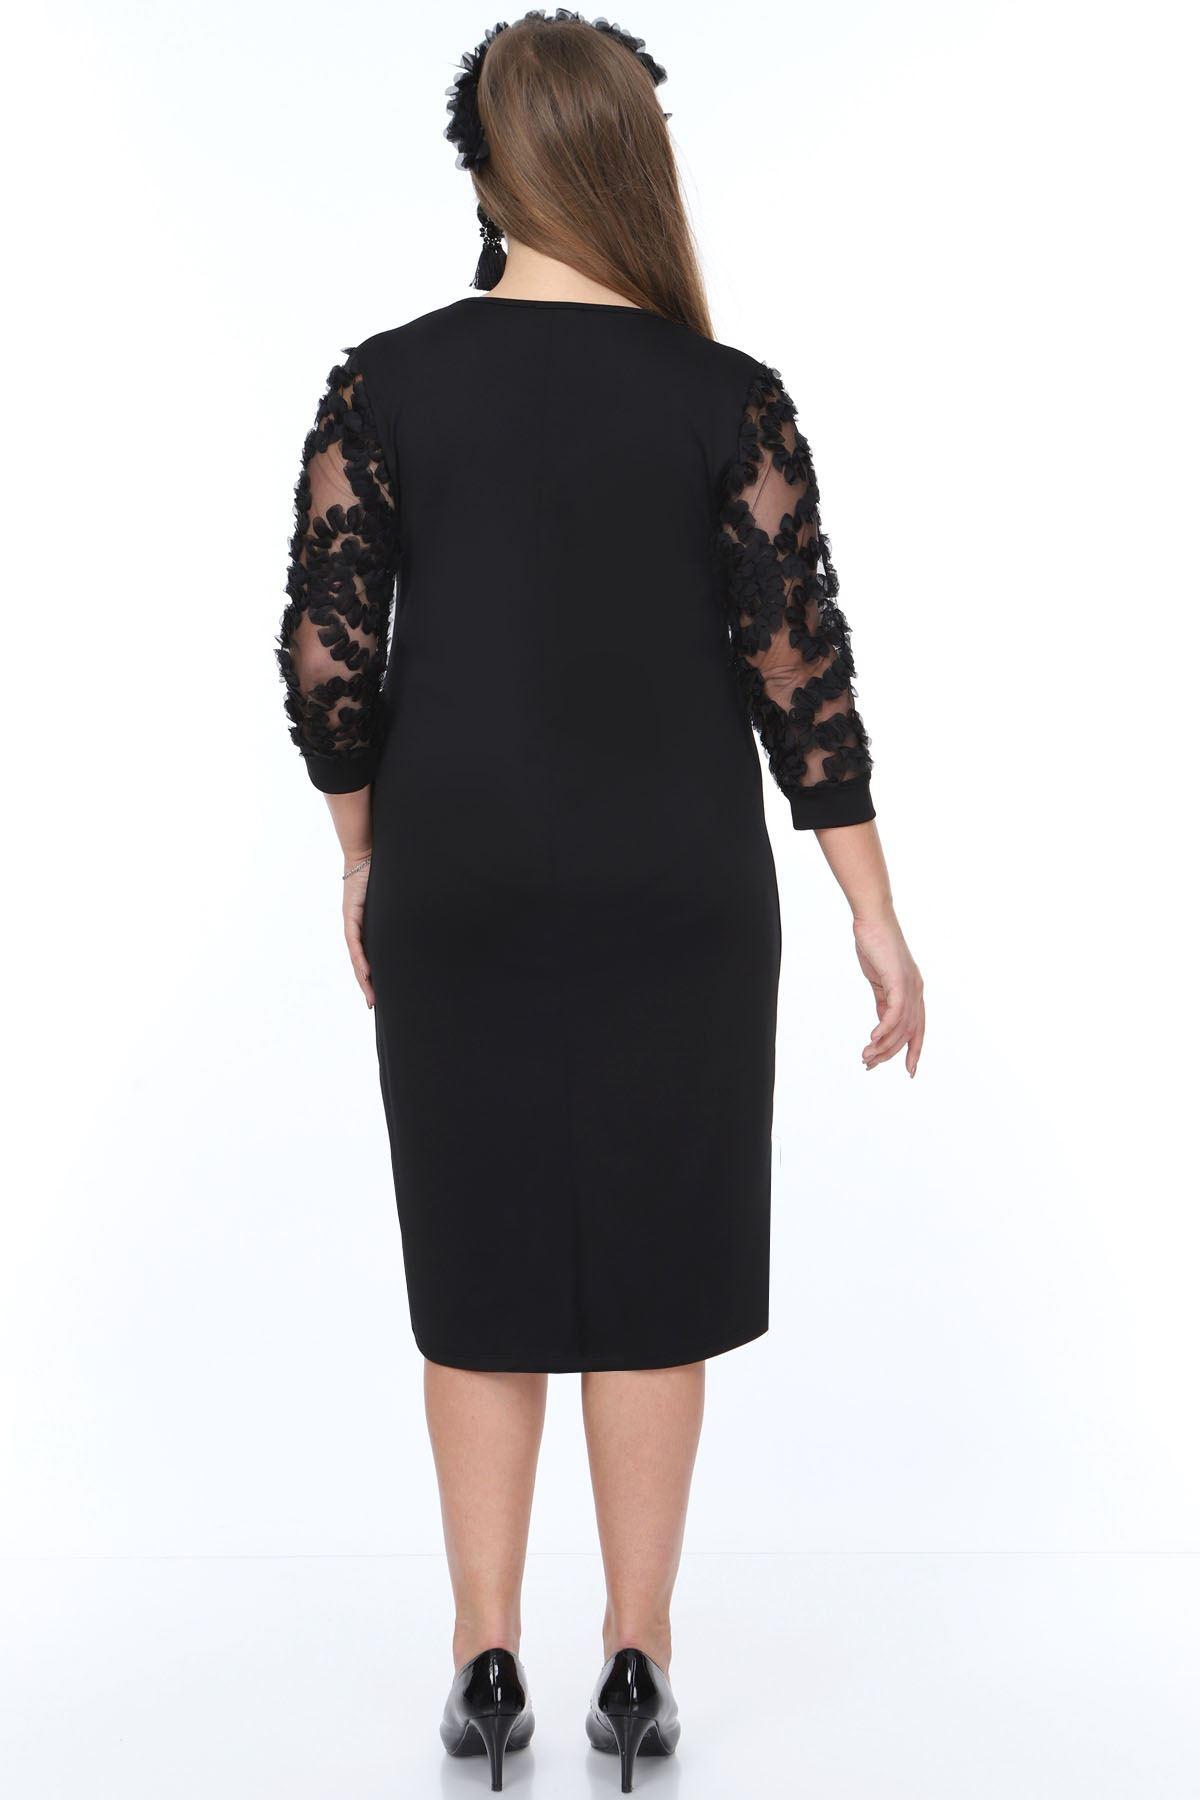 Kolları Tül Fırfır Büyük Beden Elbise 20Y-0897